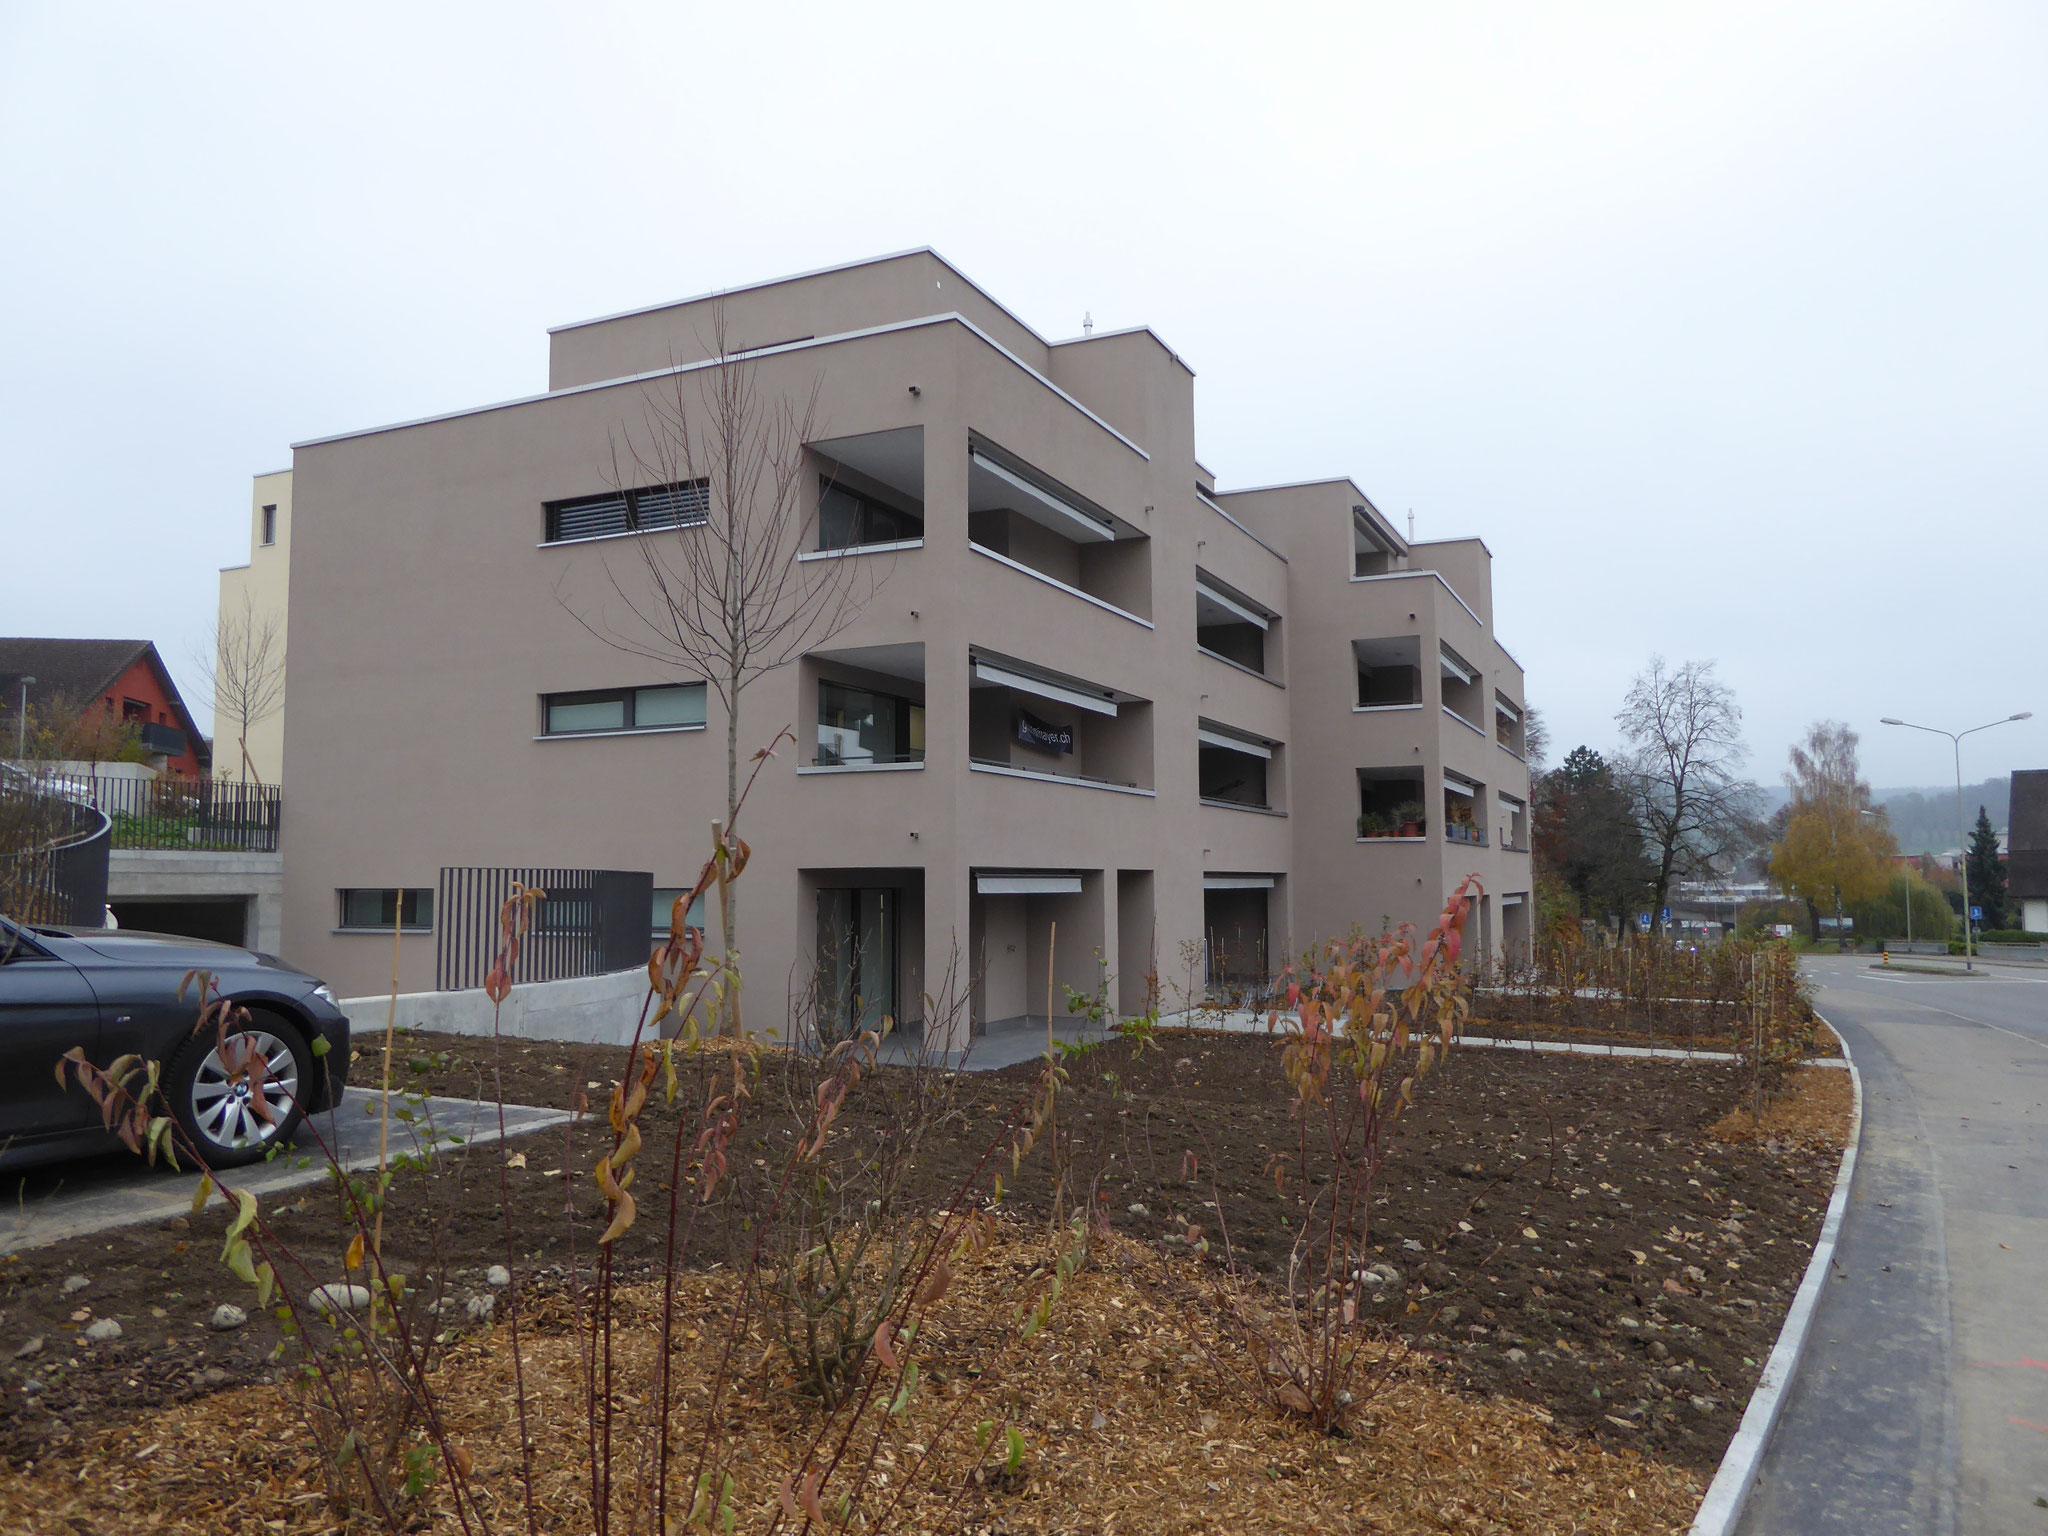 Bülach, Schaffhauserstrasse